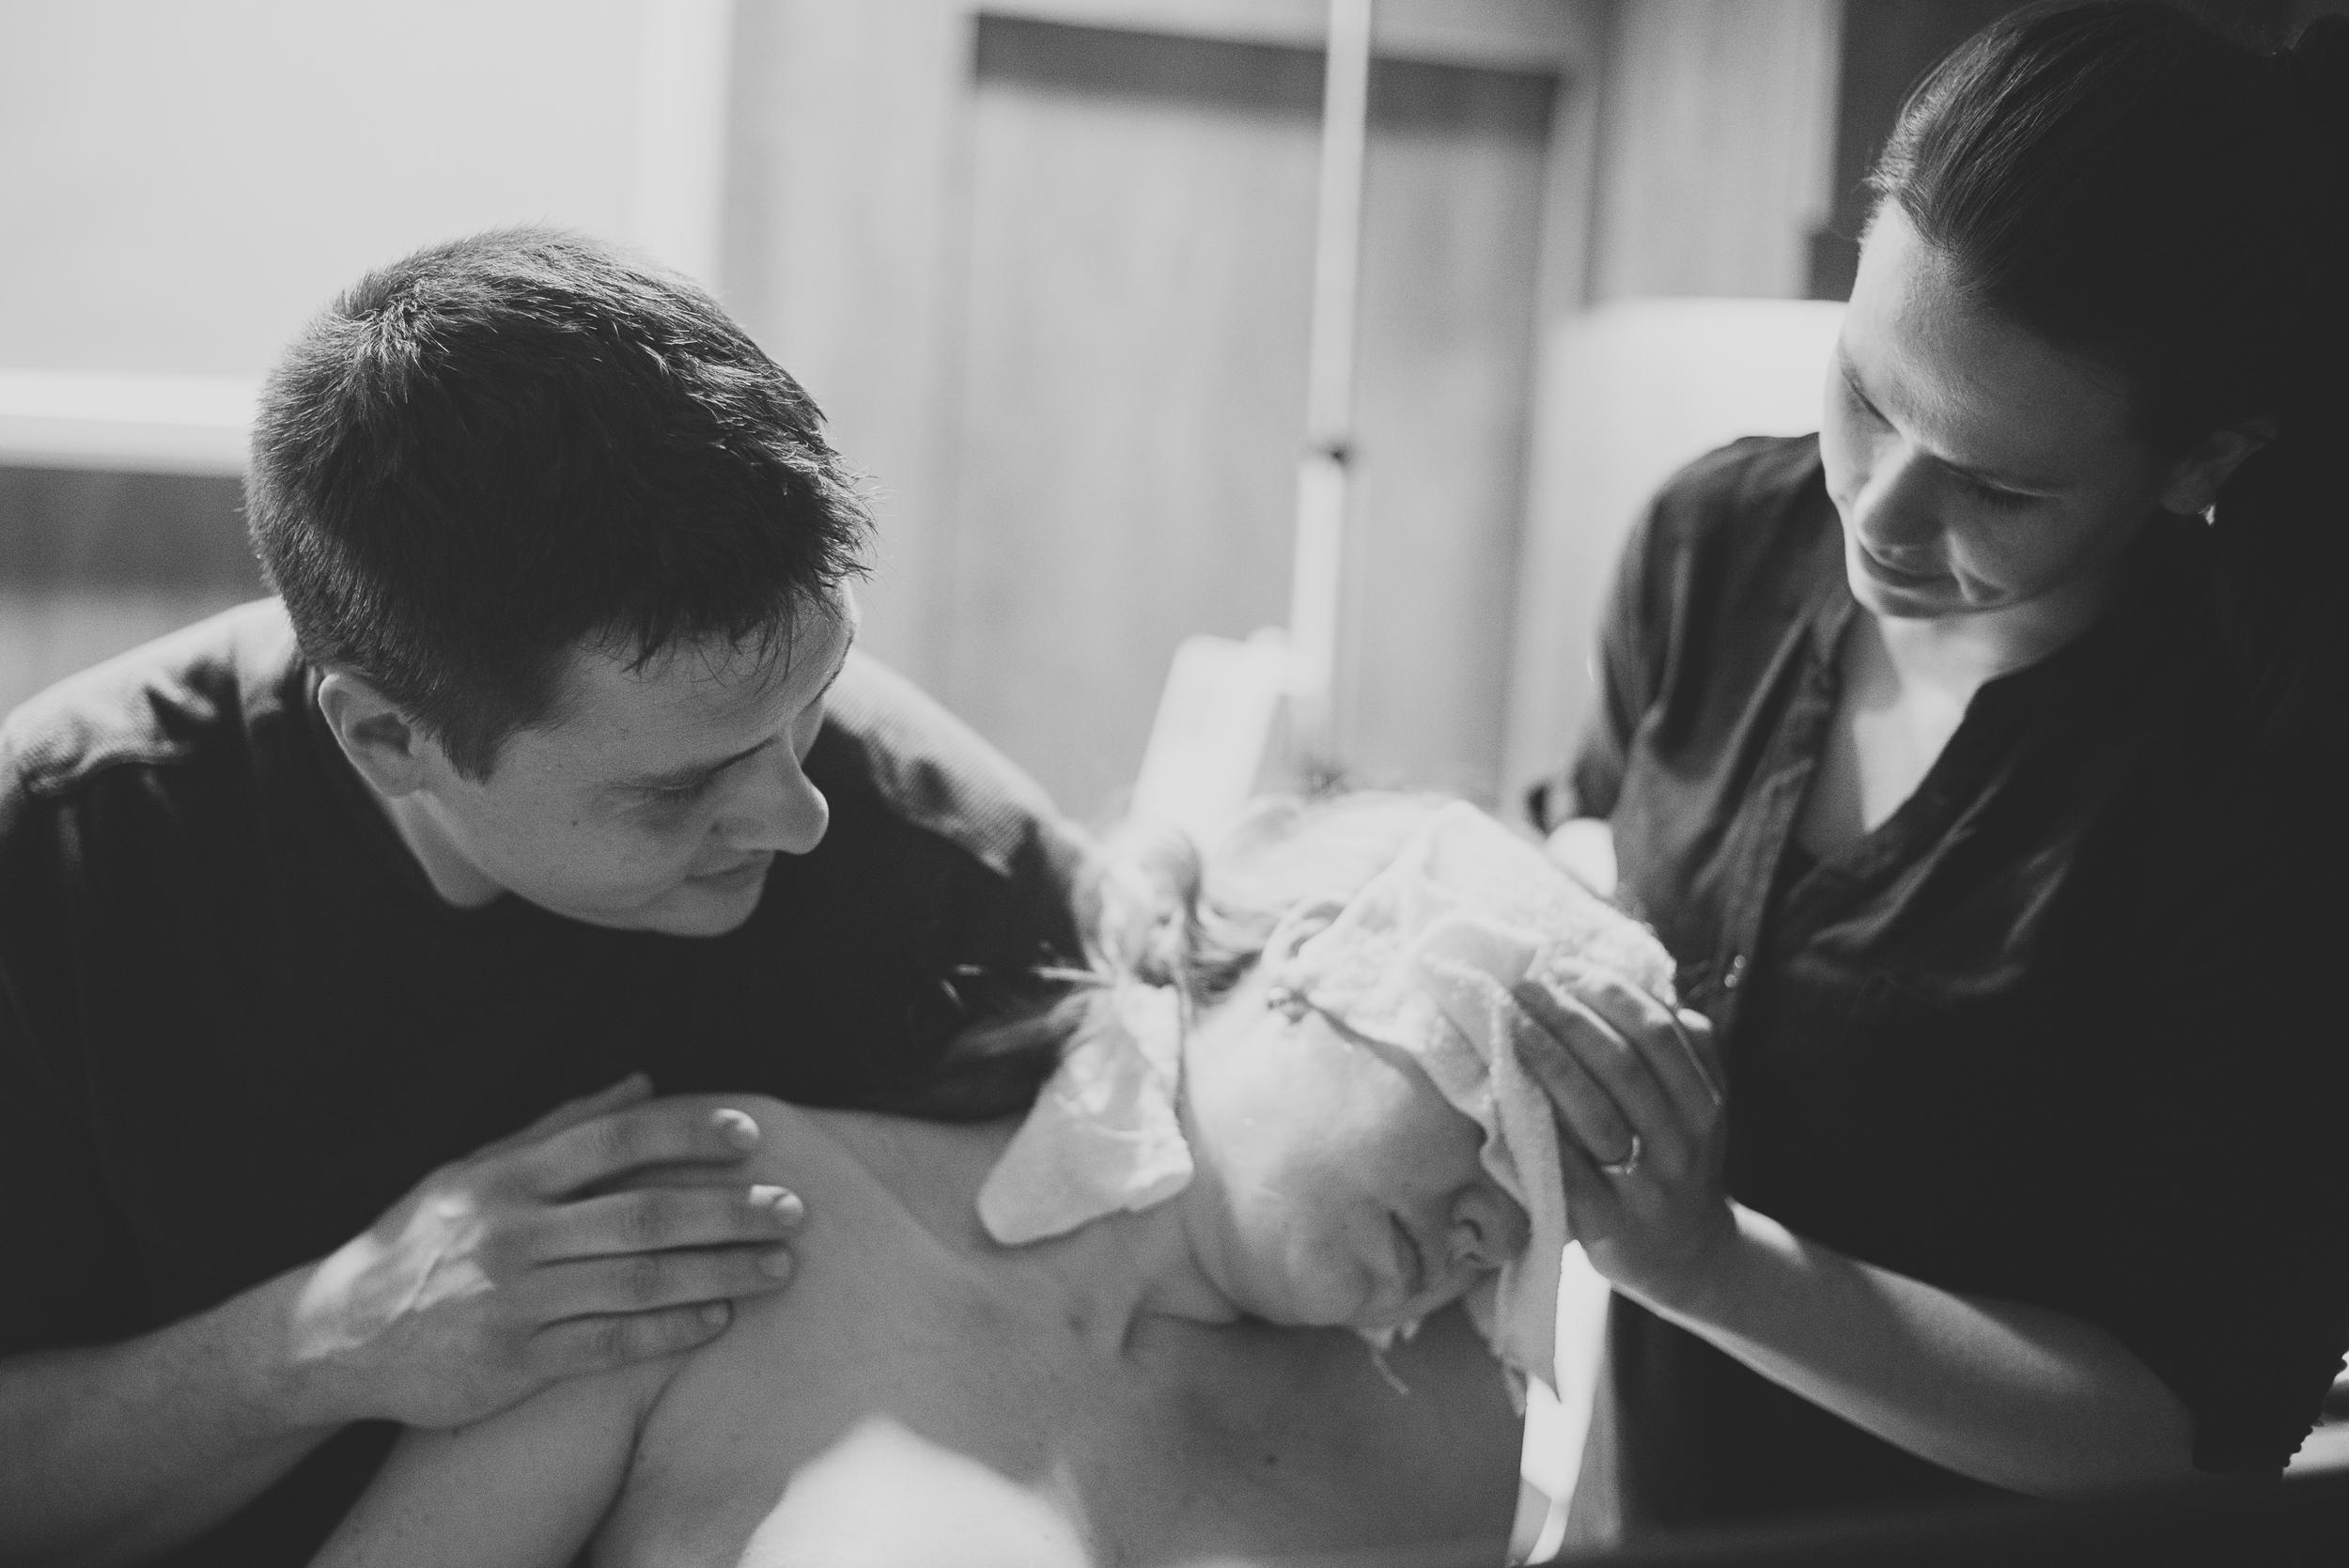 kuchan-birth-4.14.2014-66.jpg